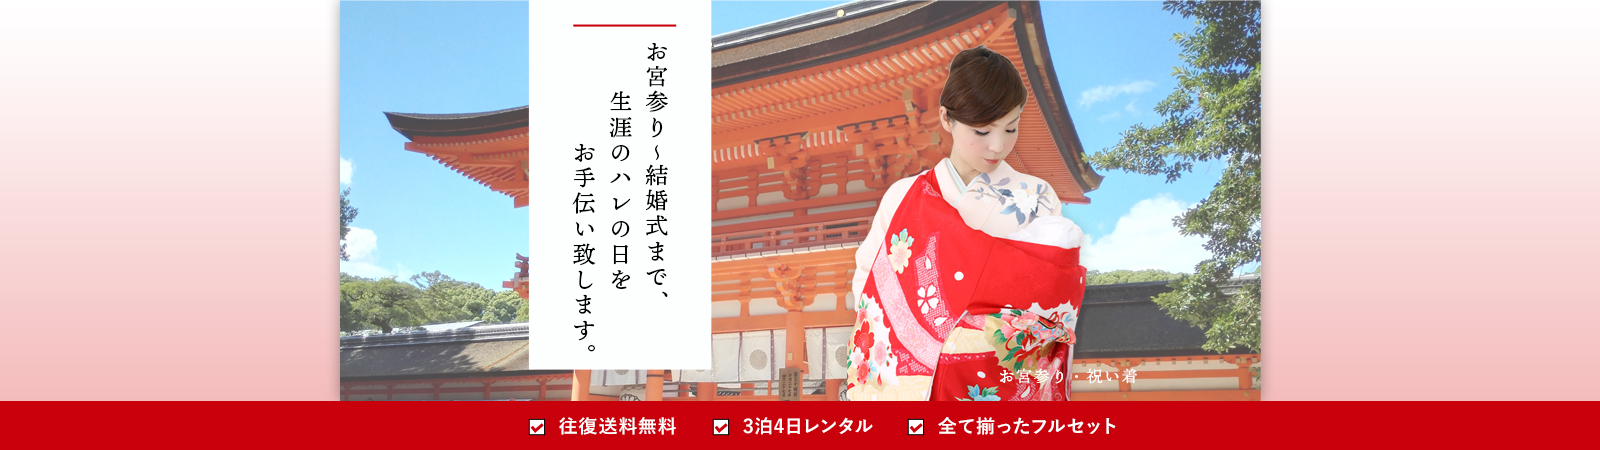 お宮参り〜結婚式まで、生涯のハレの日をお手伝い致します。|卒業式袴